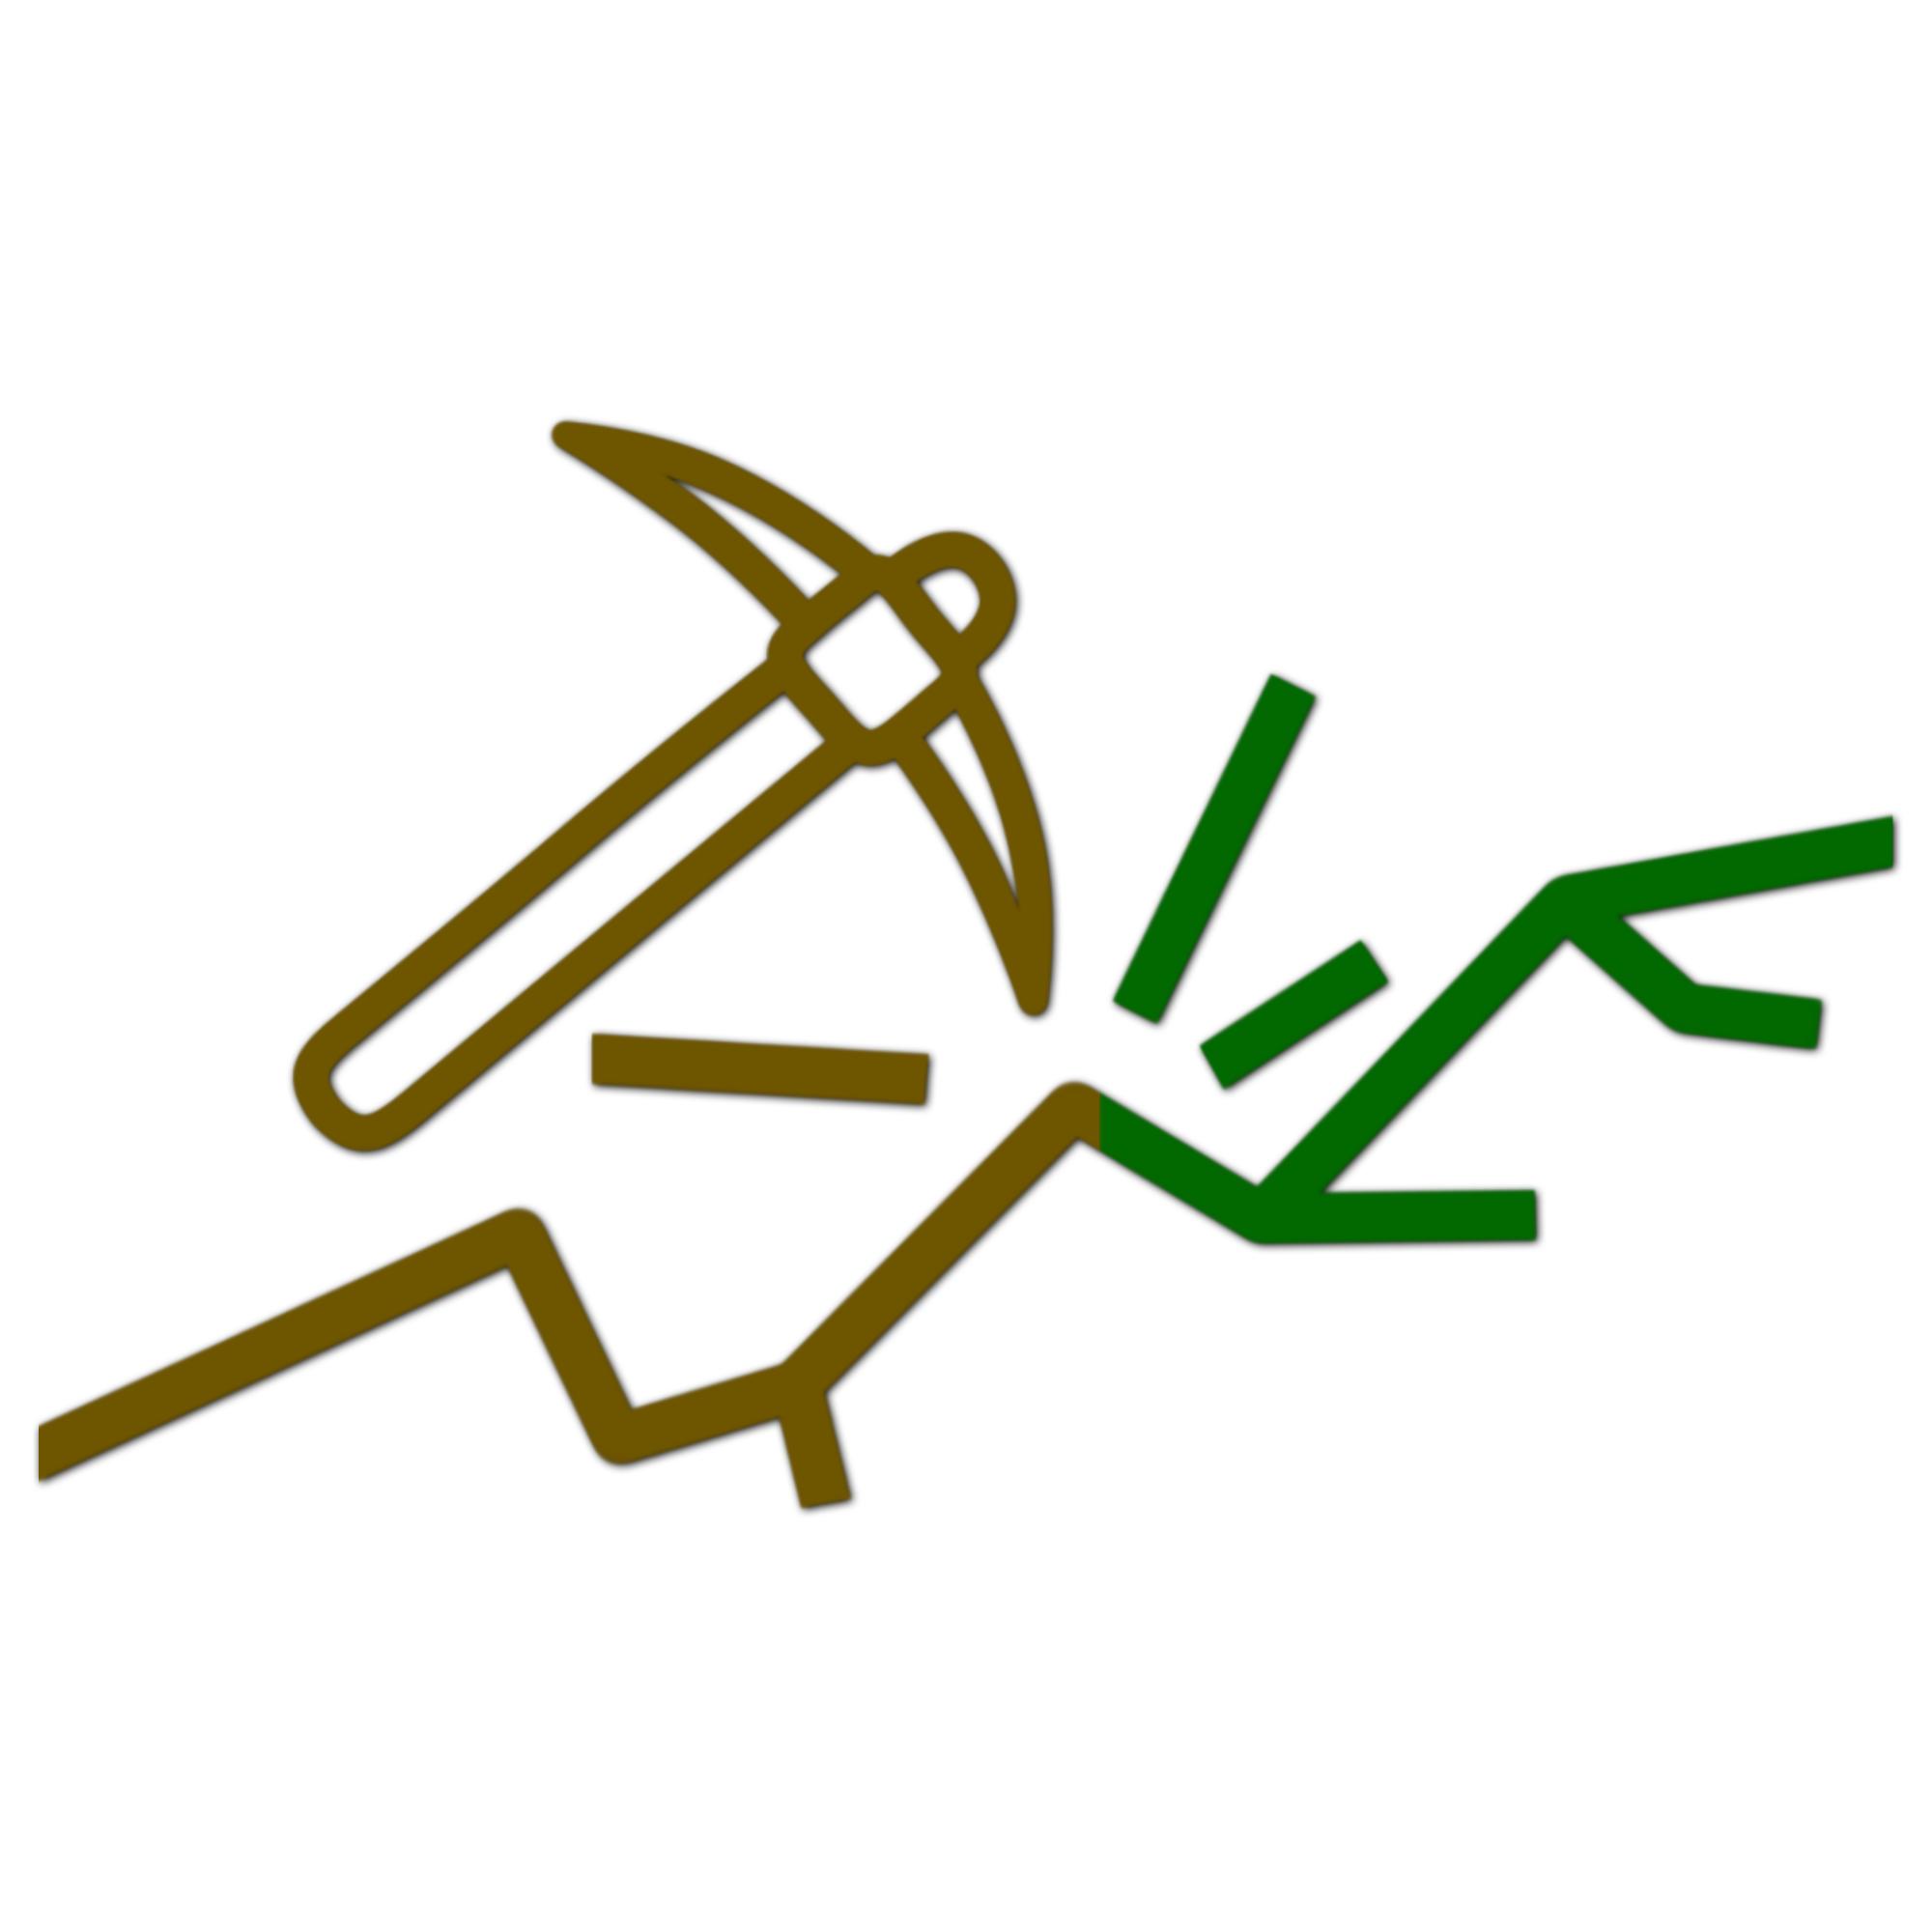 Логотип для камнедобывающей компании фото f_9445b992100be082.png